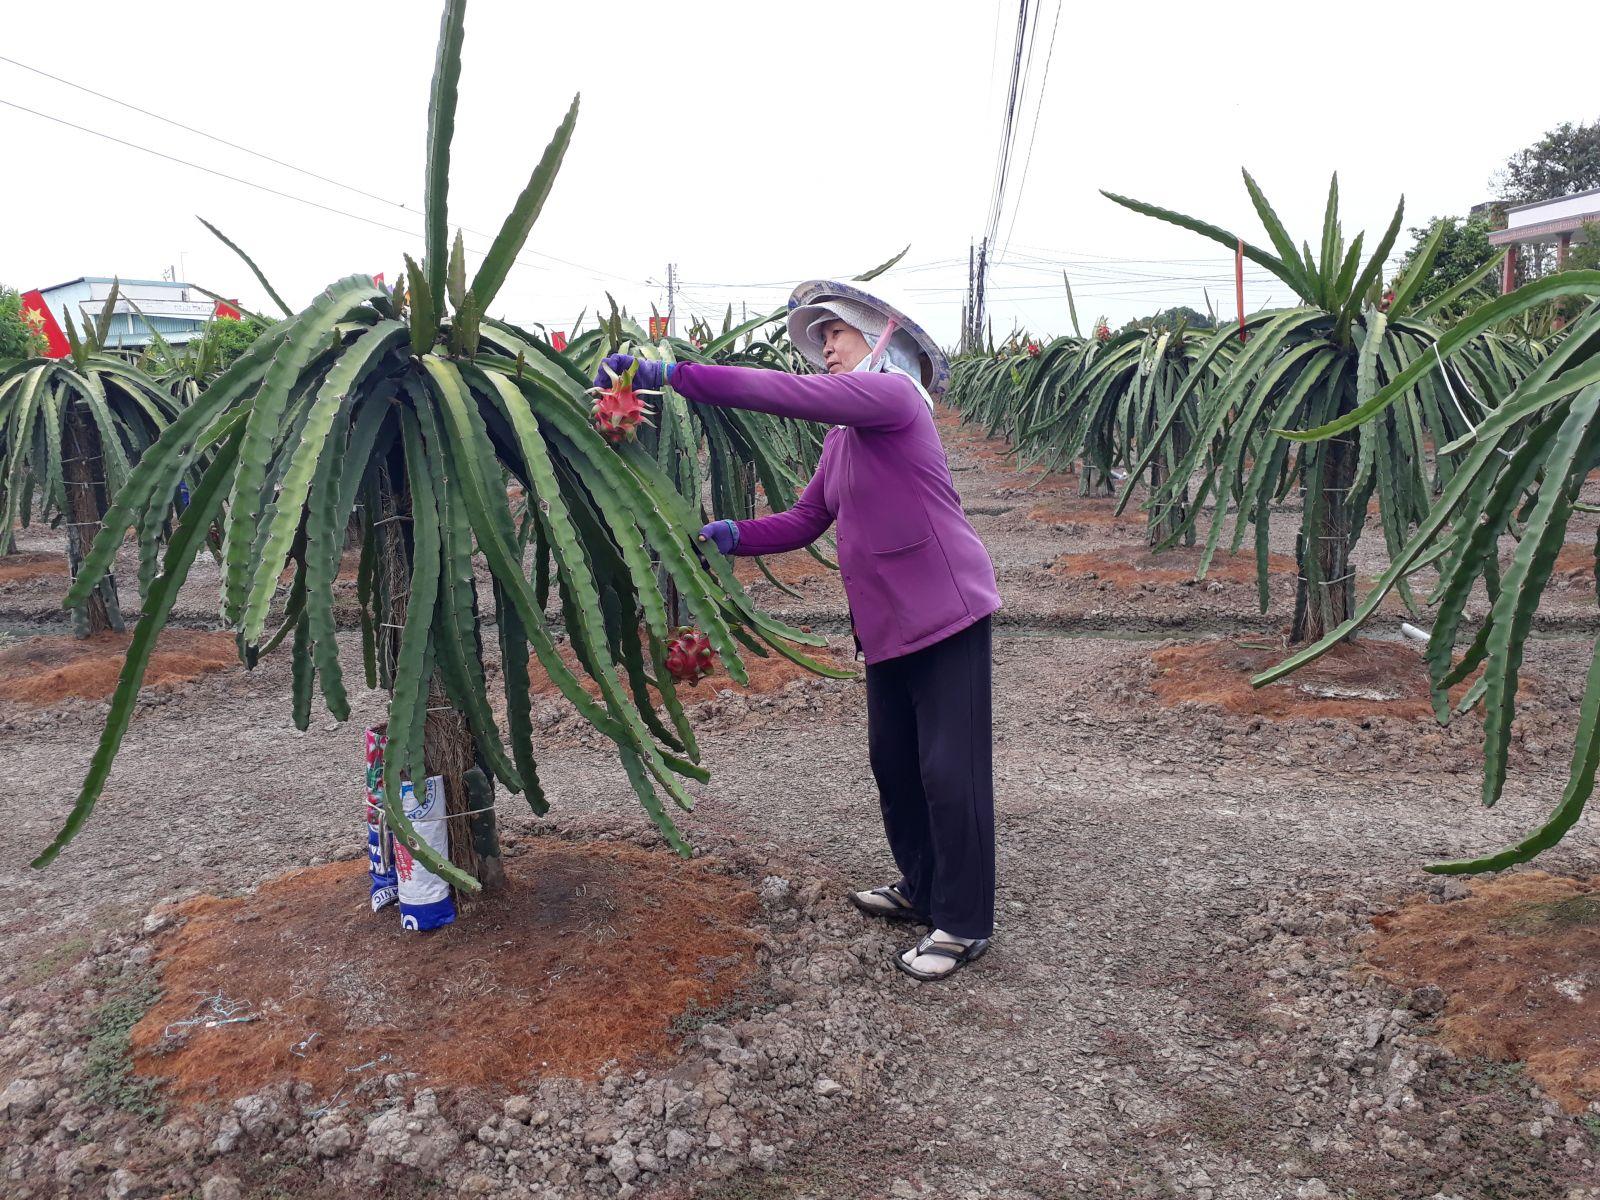 Mô hình trồng cây thanh long ứng dụng công nghệ cao mang lại hiệu quả kinh tế cho người dân xã Nhựt Ninh